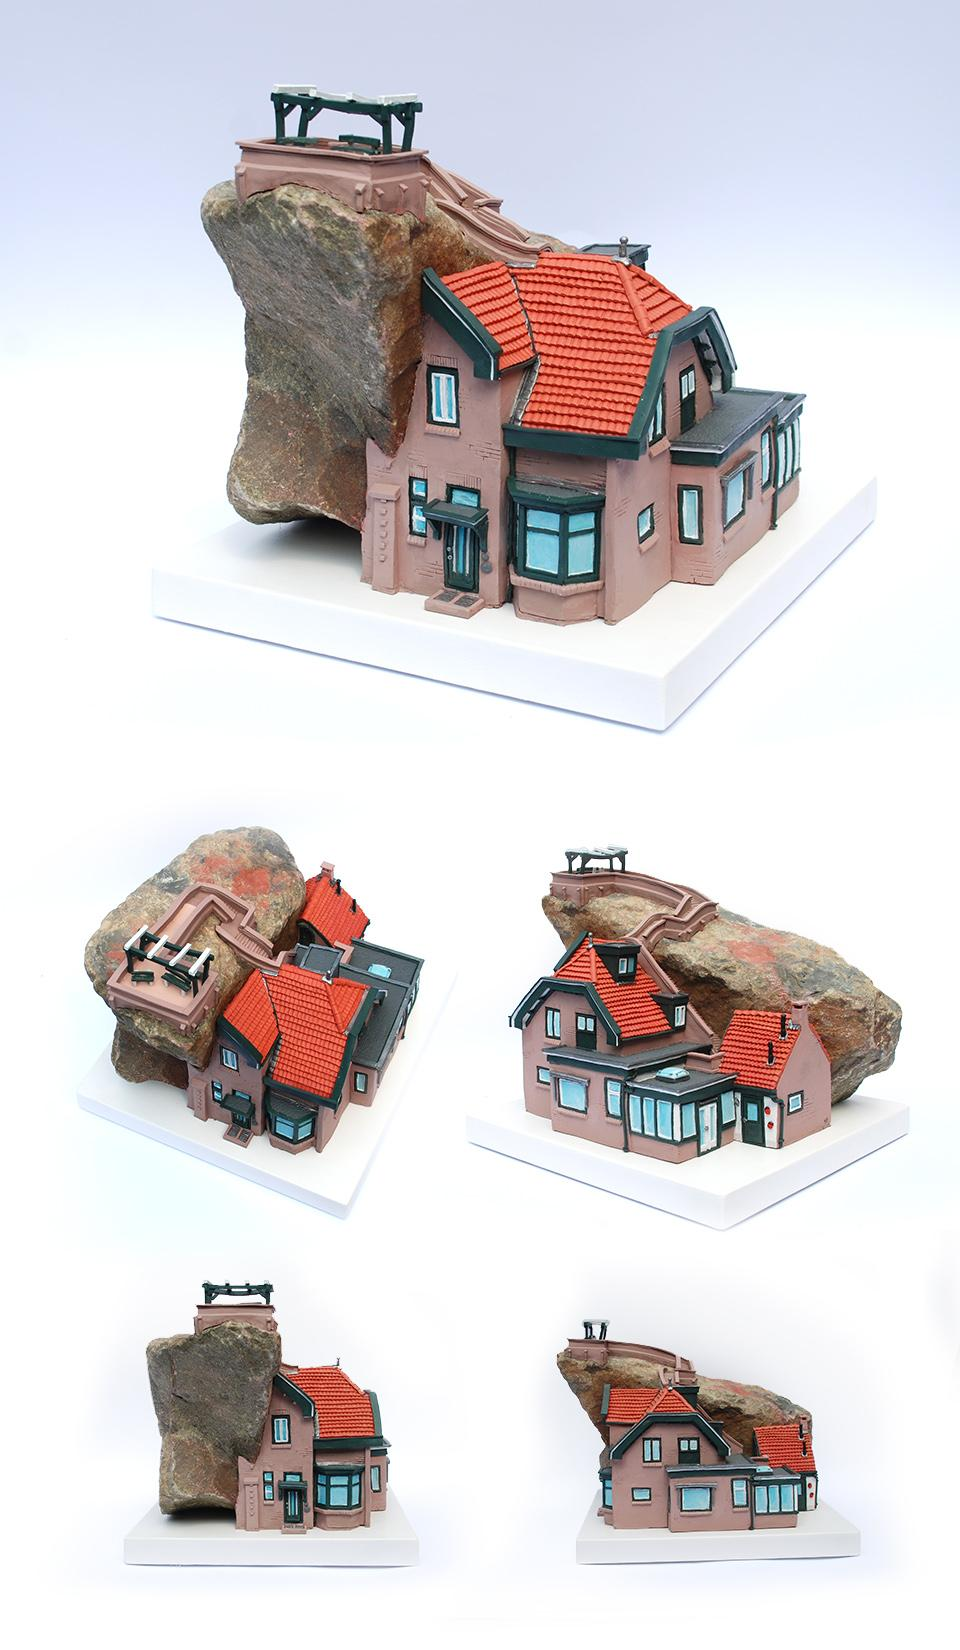 Huis van klei kunstwerk